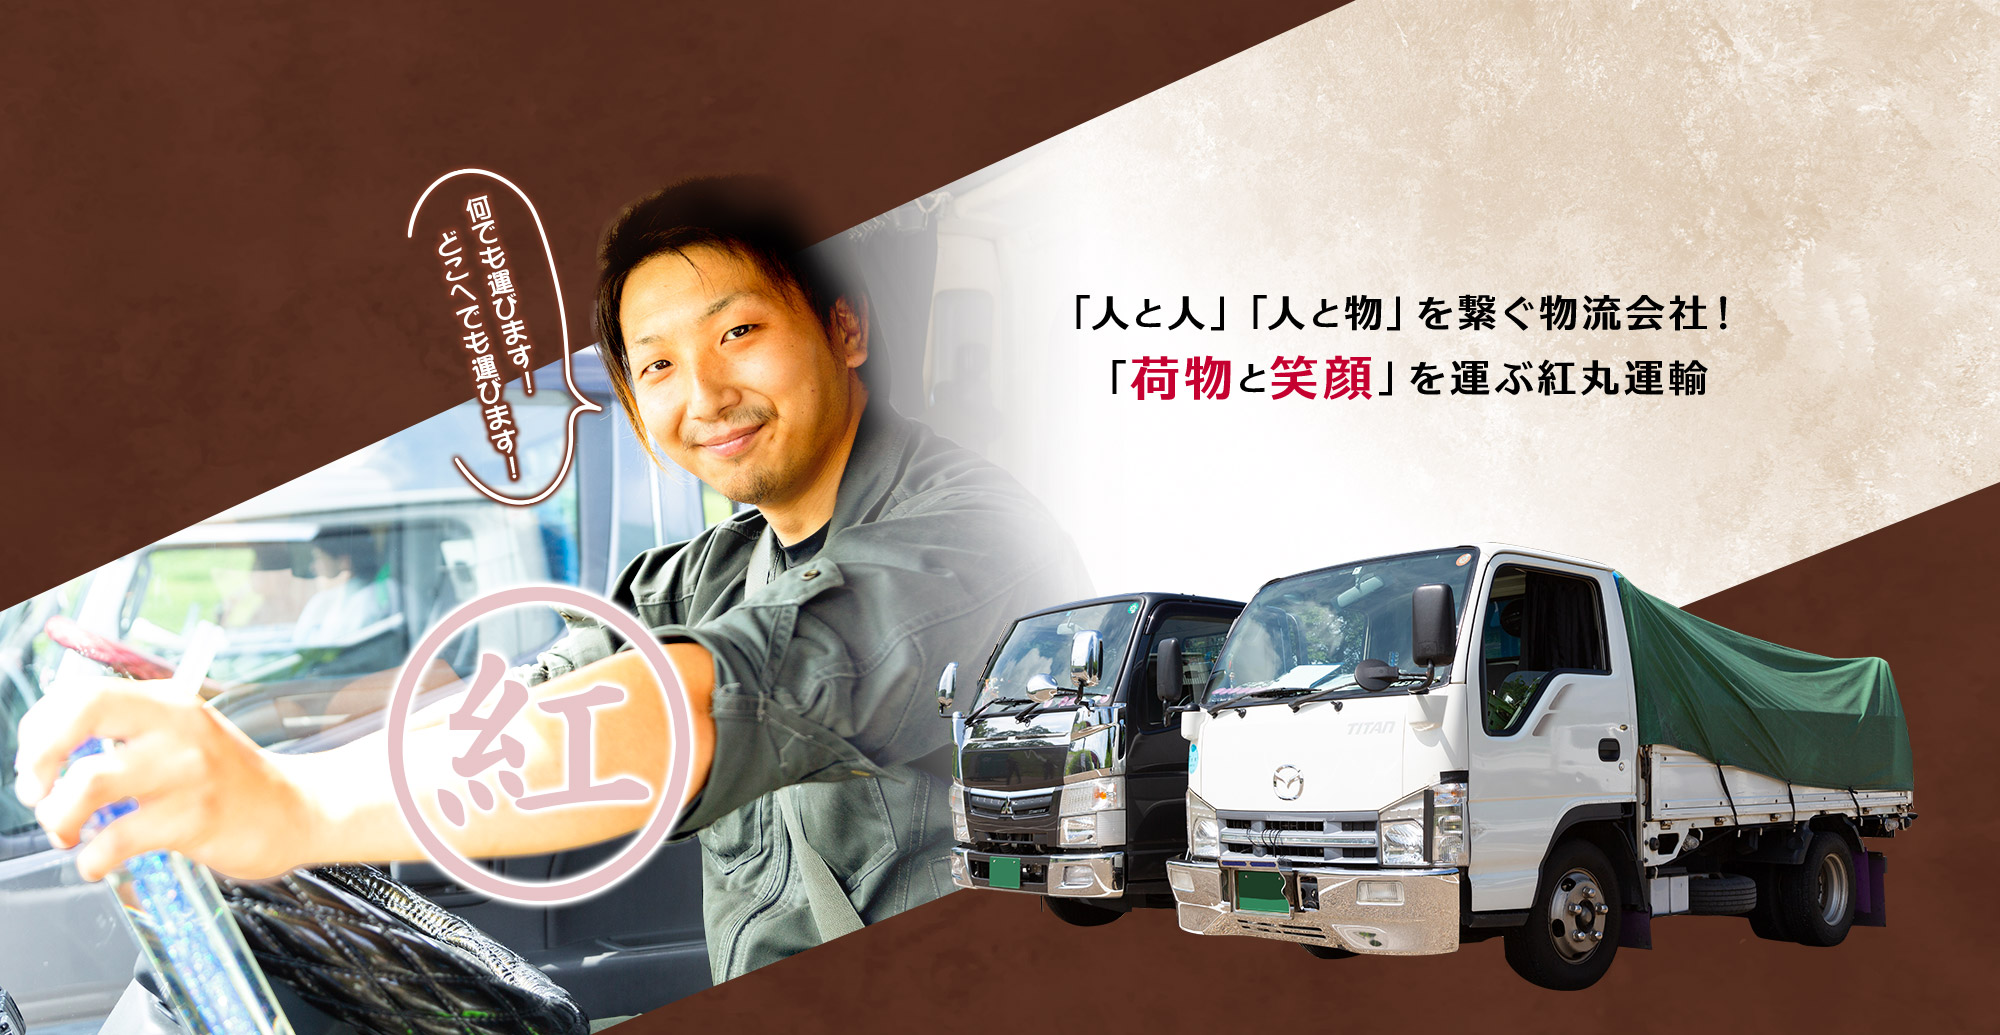 「人と人」「人と物」を繋ぐ物流会社!「荷物と笑顔」を運ぶ紅丸運輸